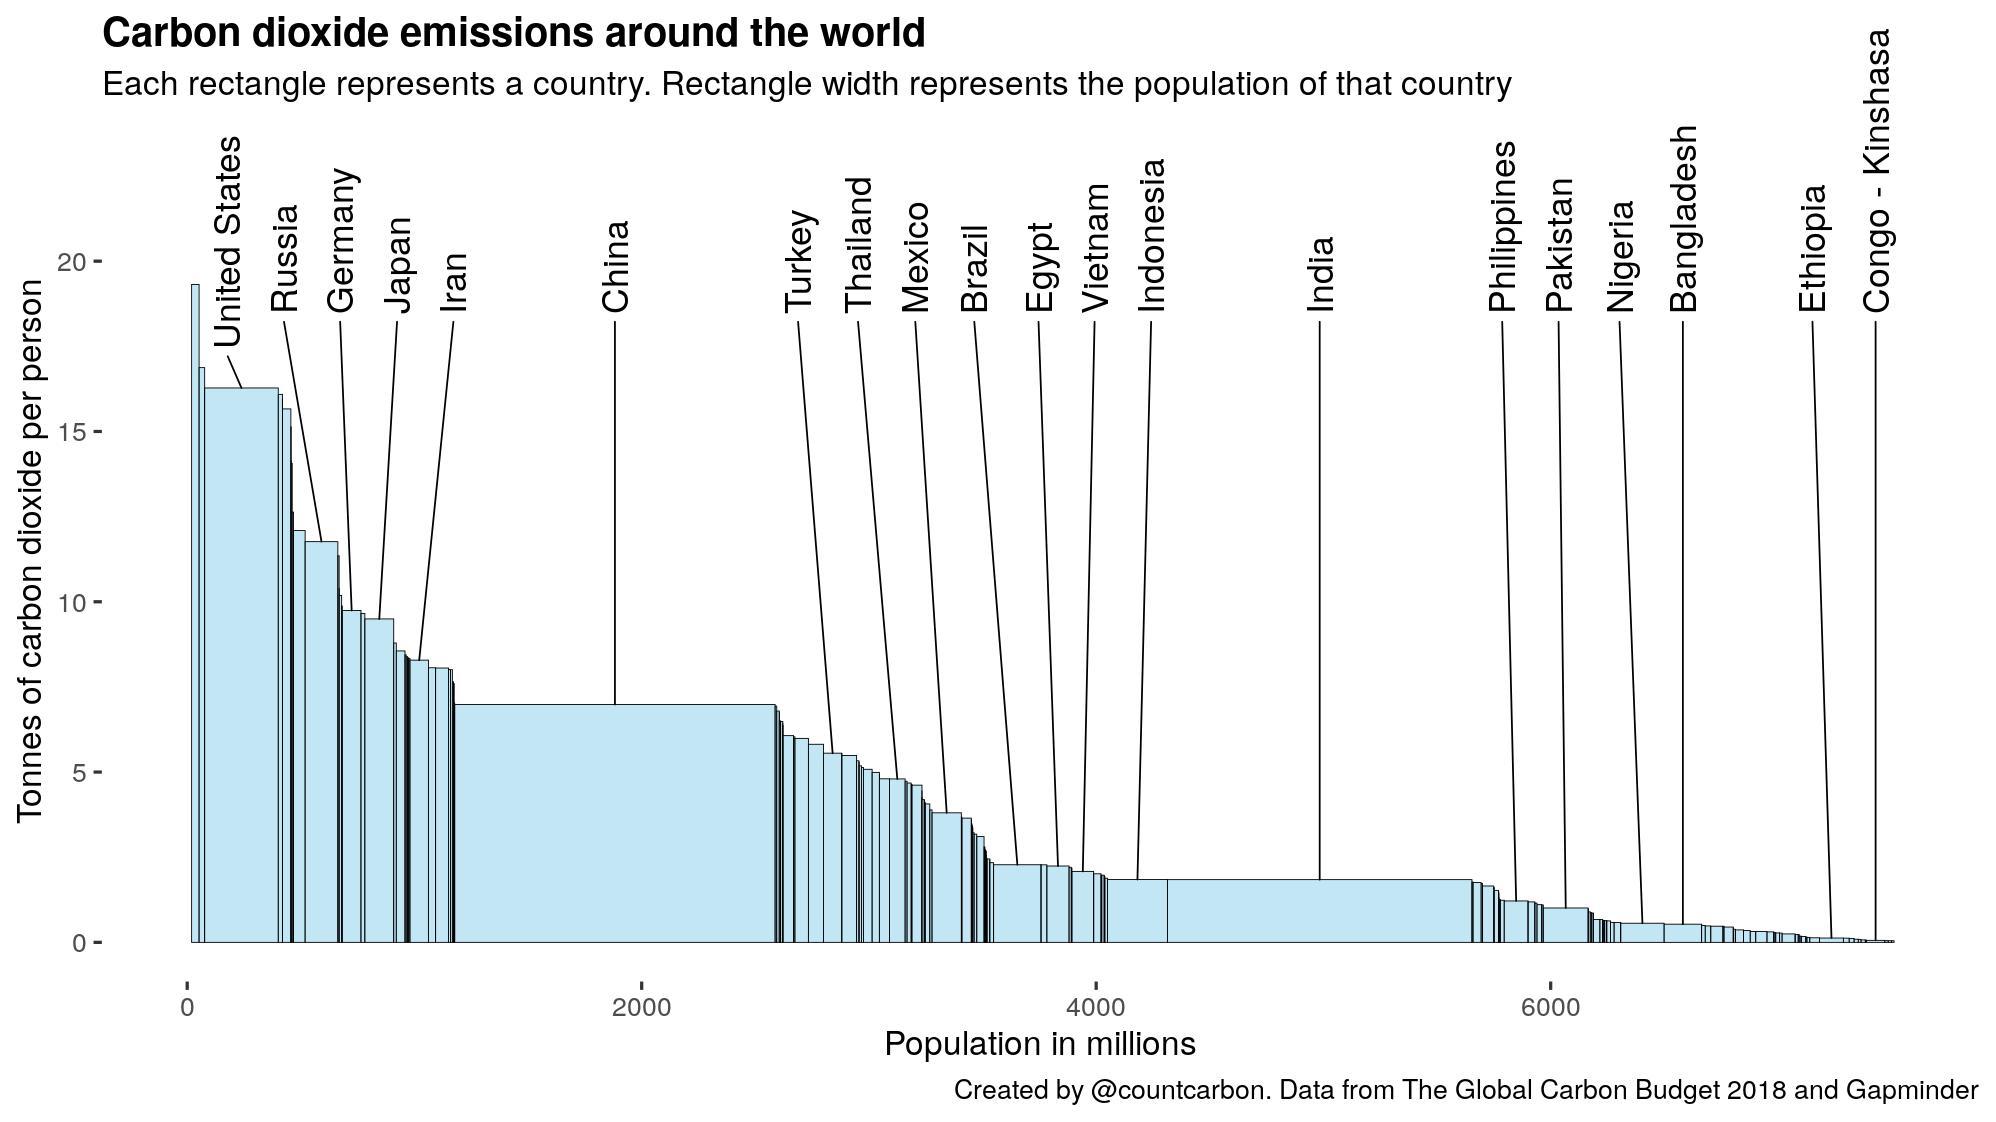 Una buena gráfica acerca de qué países contaminan y cuánto @CountCarbon